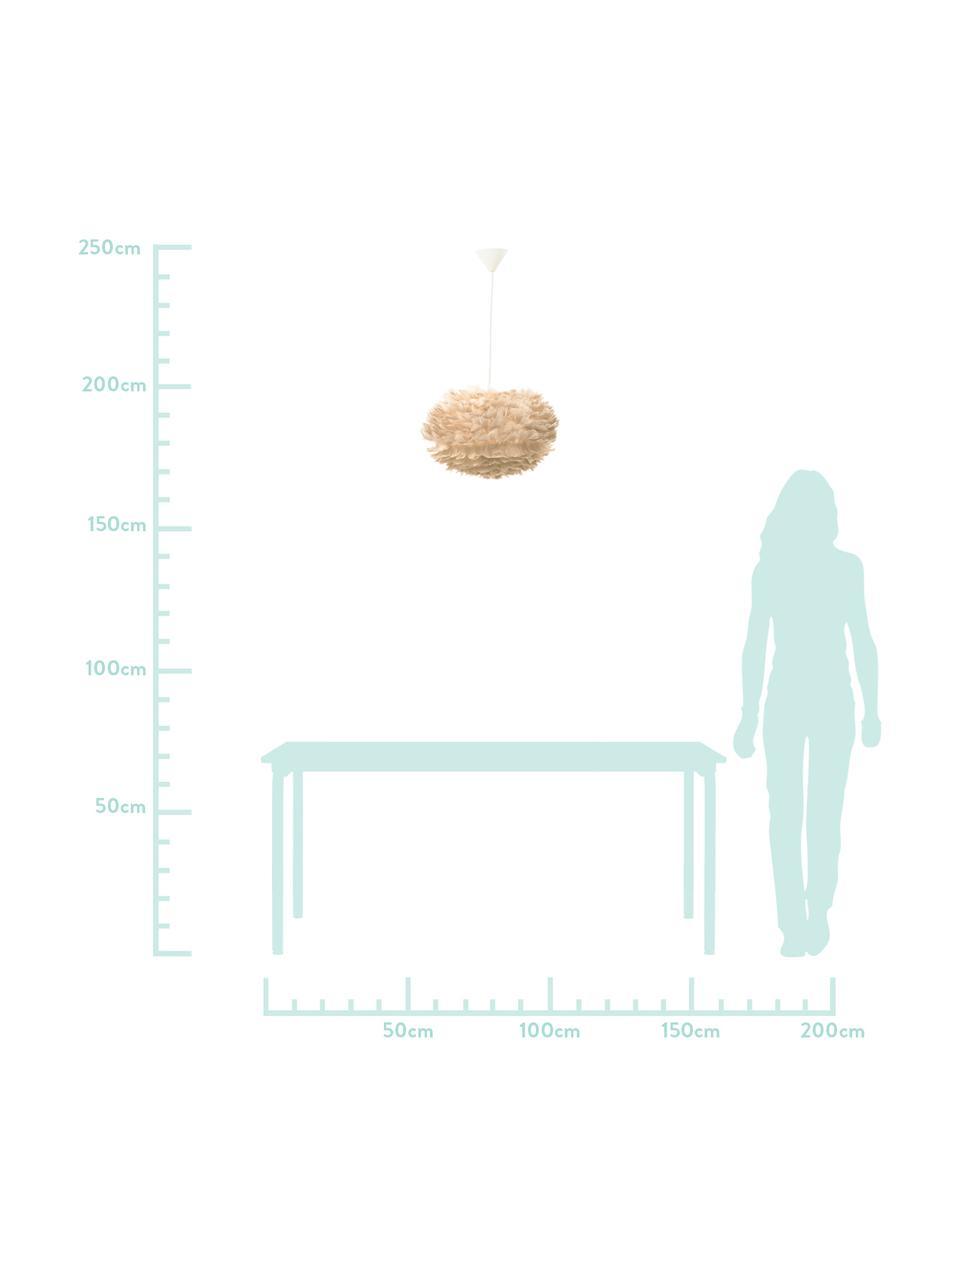 Lampada a sospensione in piume Eos, Paralume: piume d'oca, Baldacchino: materiale sintetico, Beige, bianco, Ø 45 cm x Alt. 30 cm